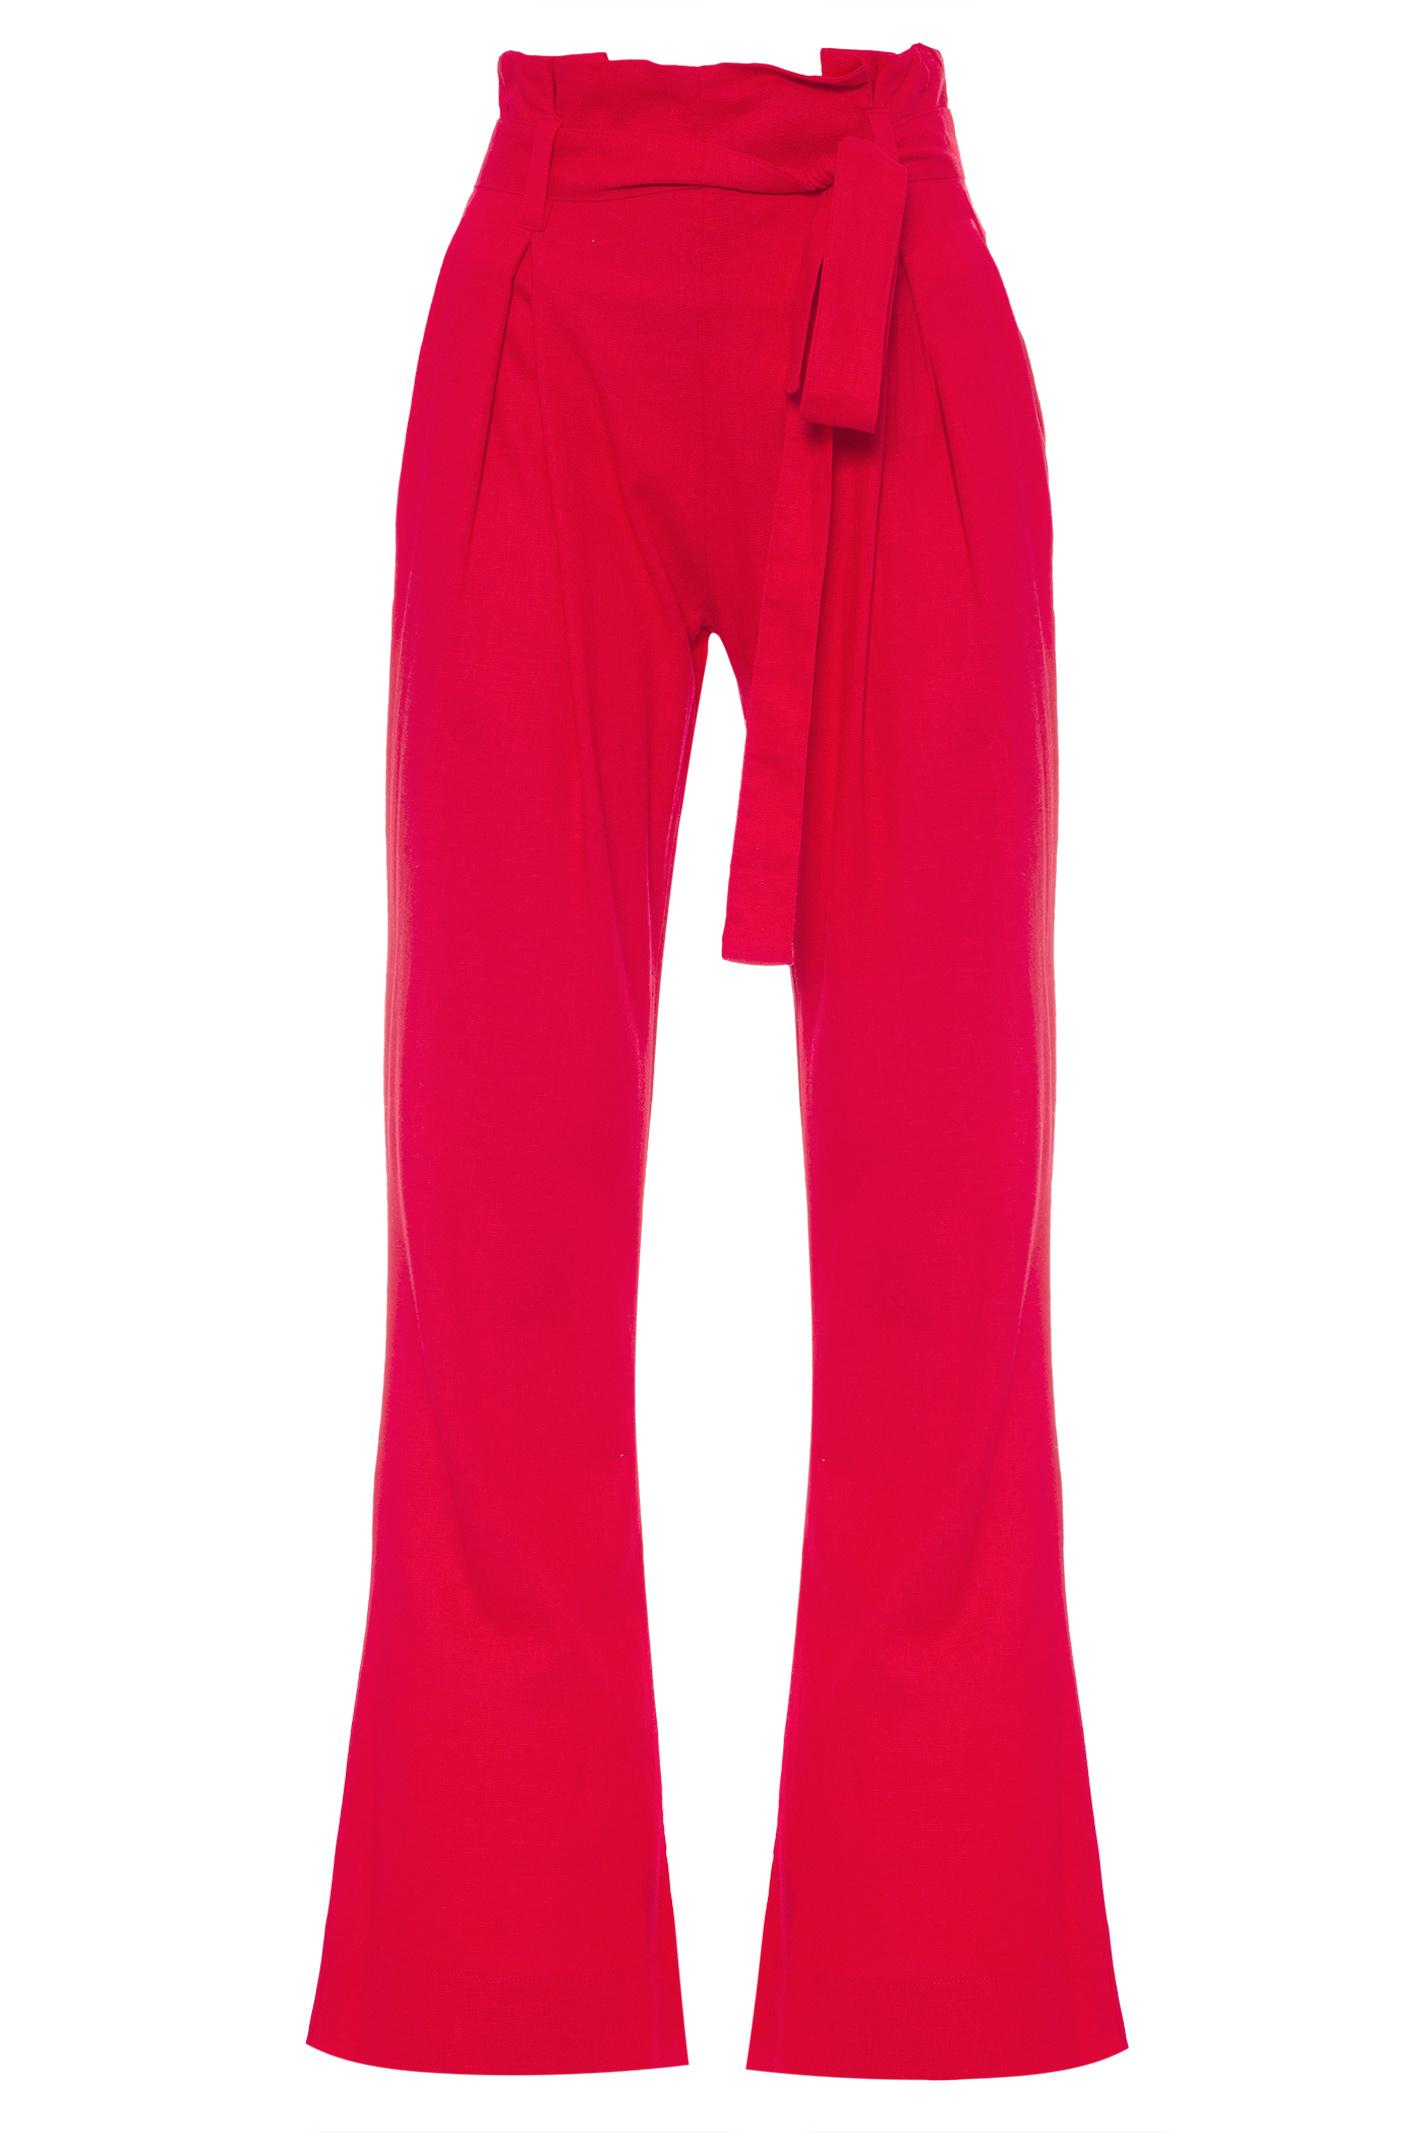 Calça Pantalona Clochard